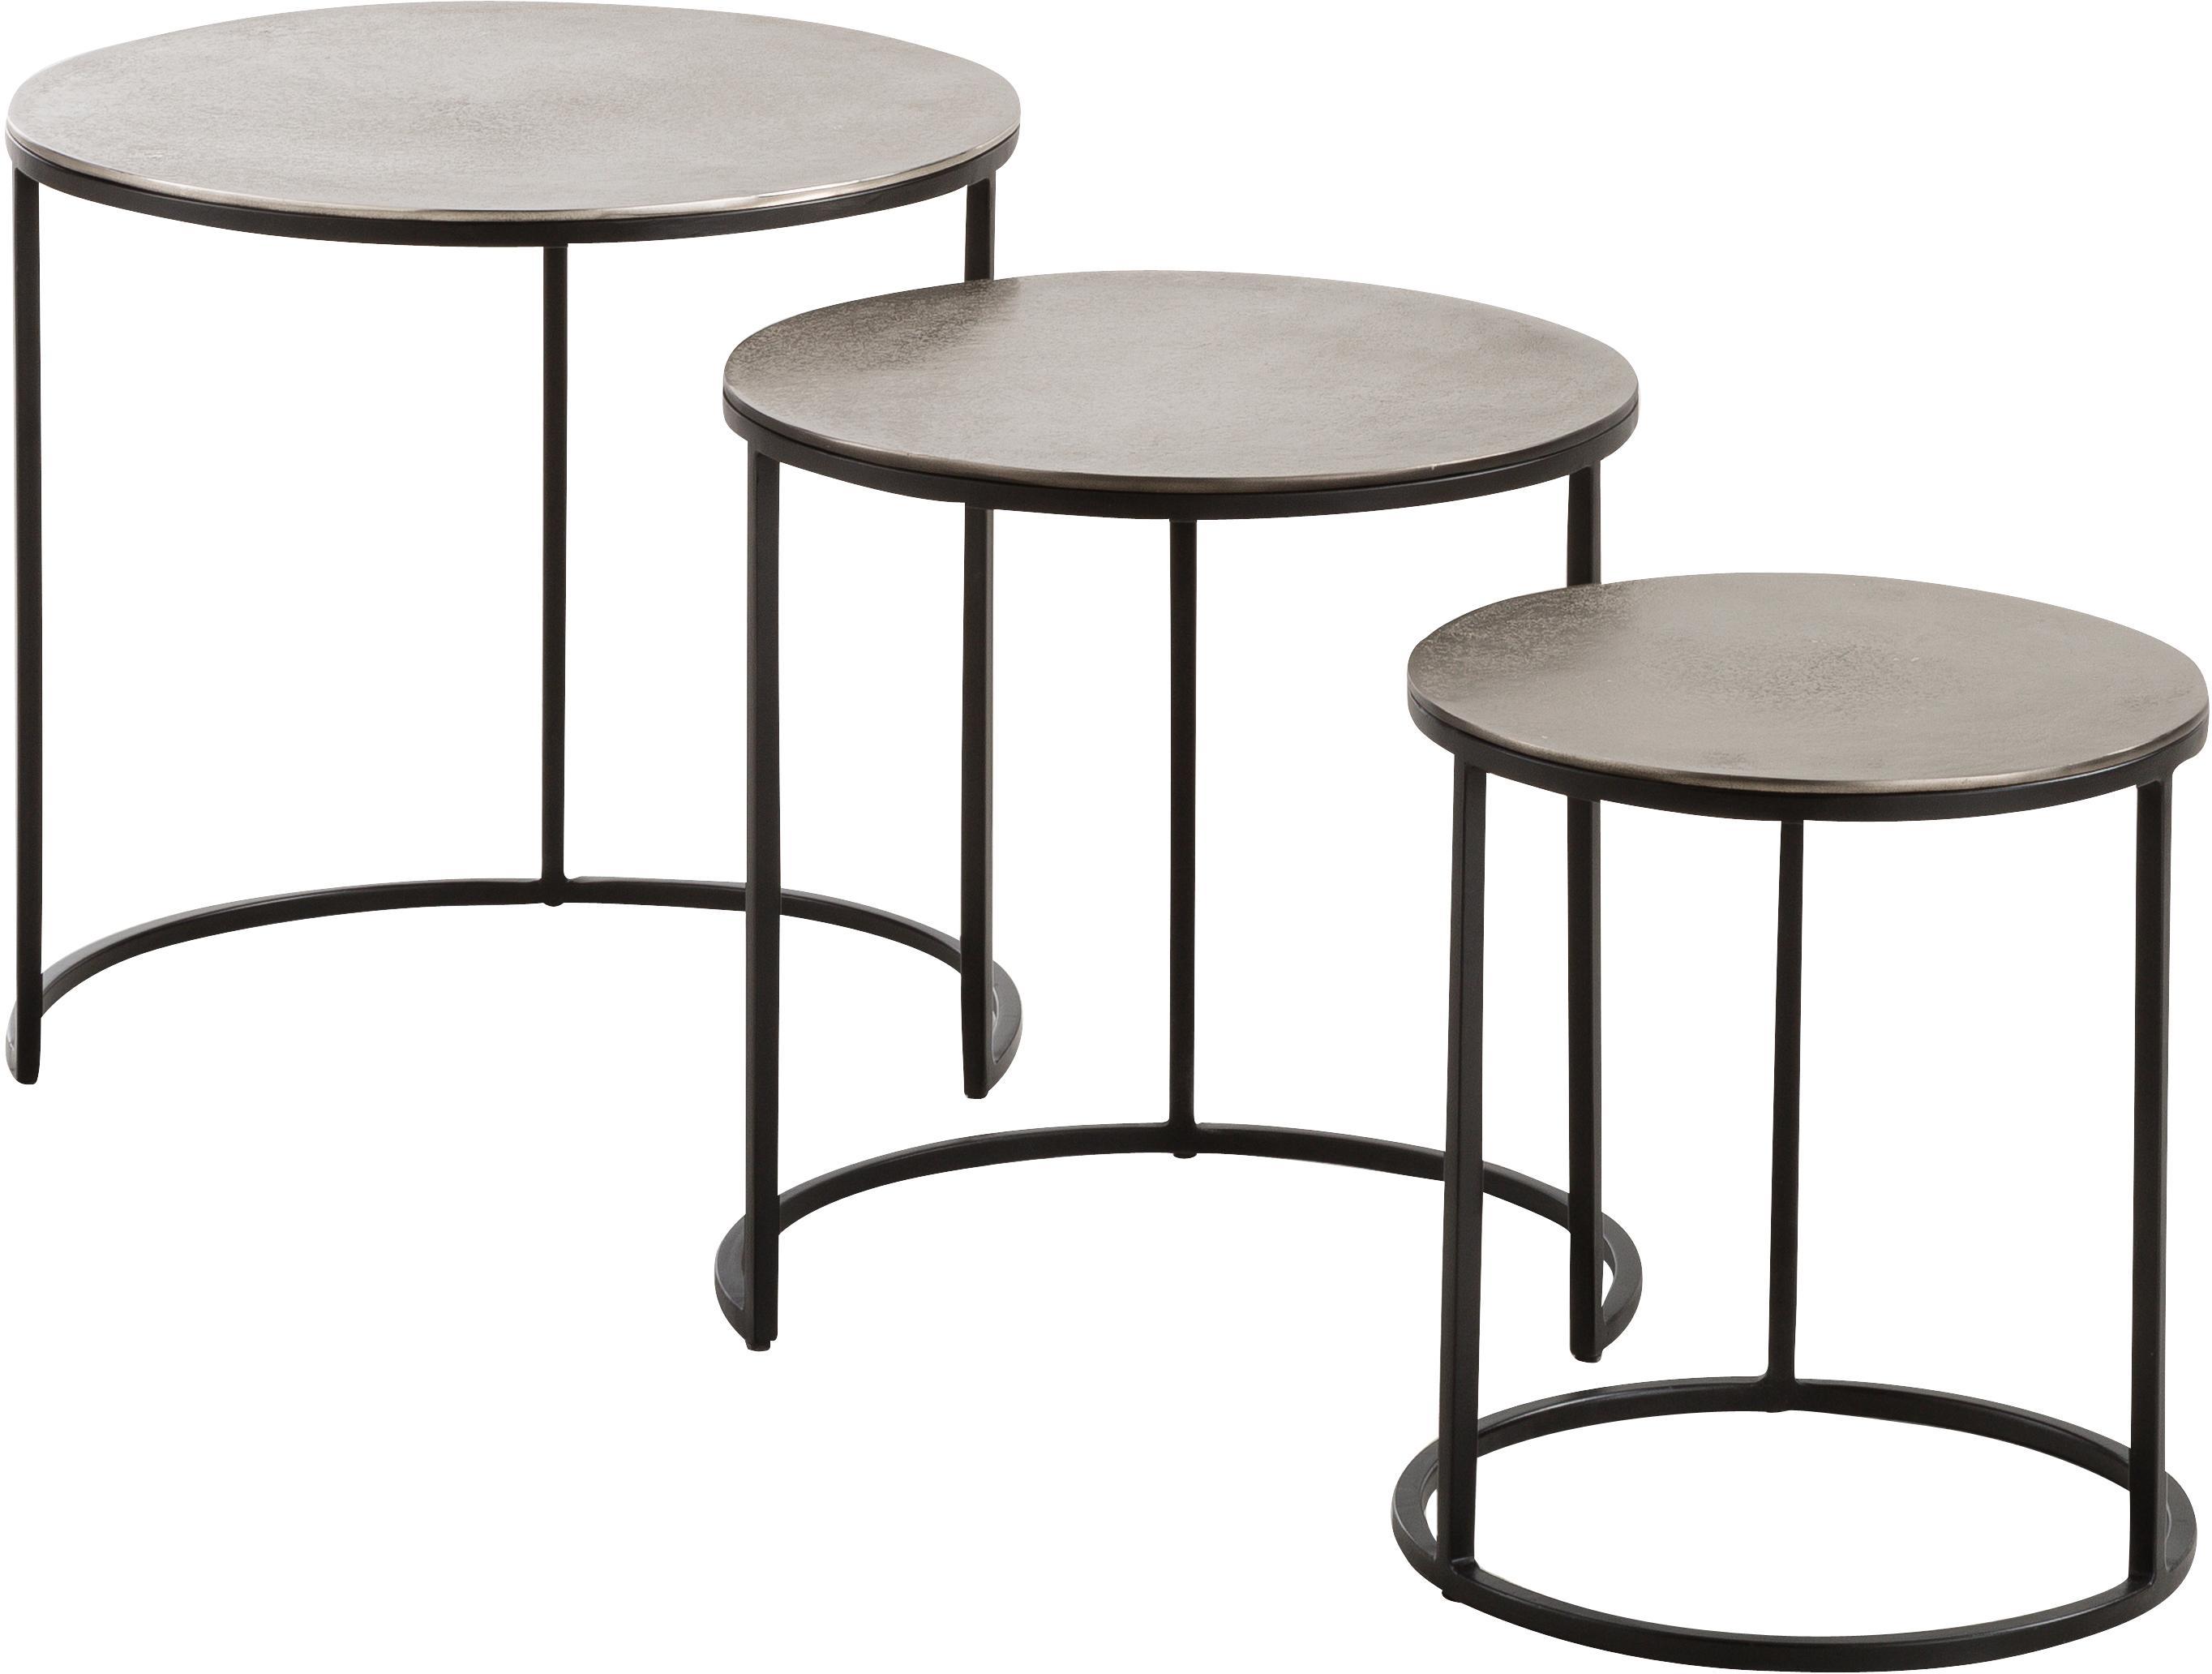 Set 3 tavolini con piano argentato Scott, Piano d'appoggio: alluminio rivestito, Struttura: metallo verniciato, Alluminio, nero, Set in varie misure